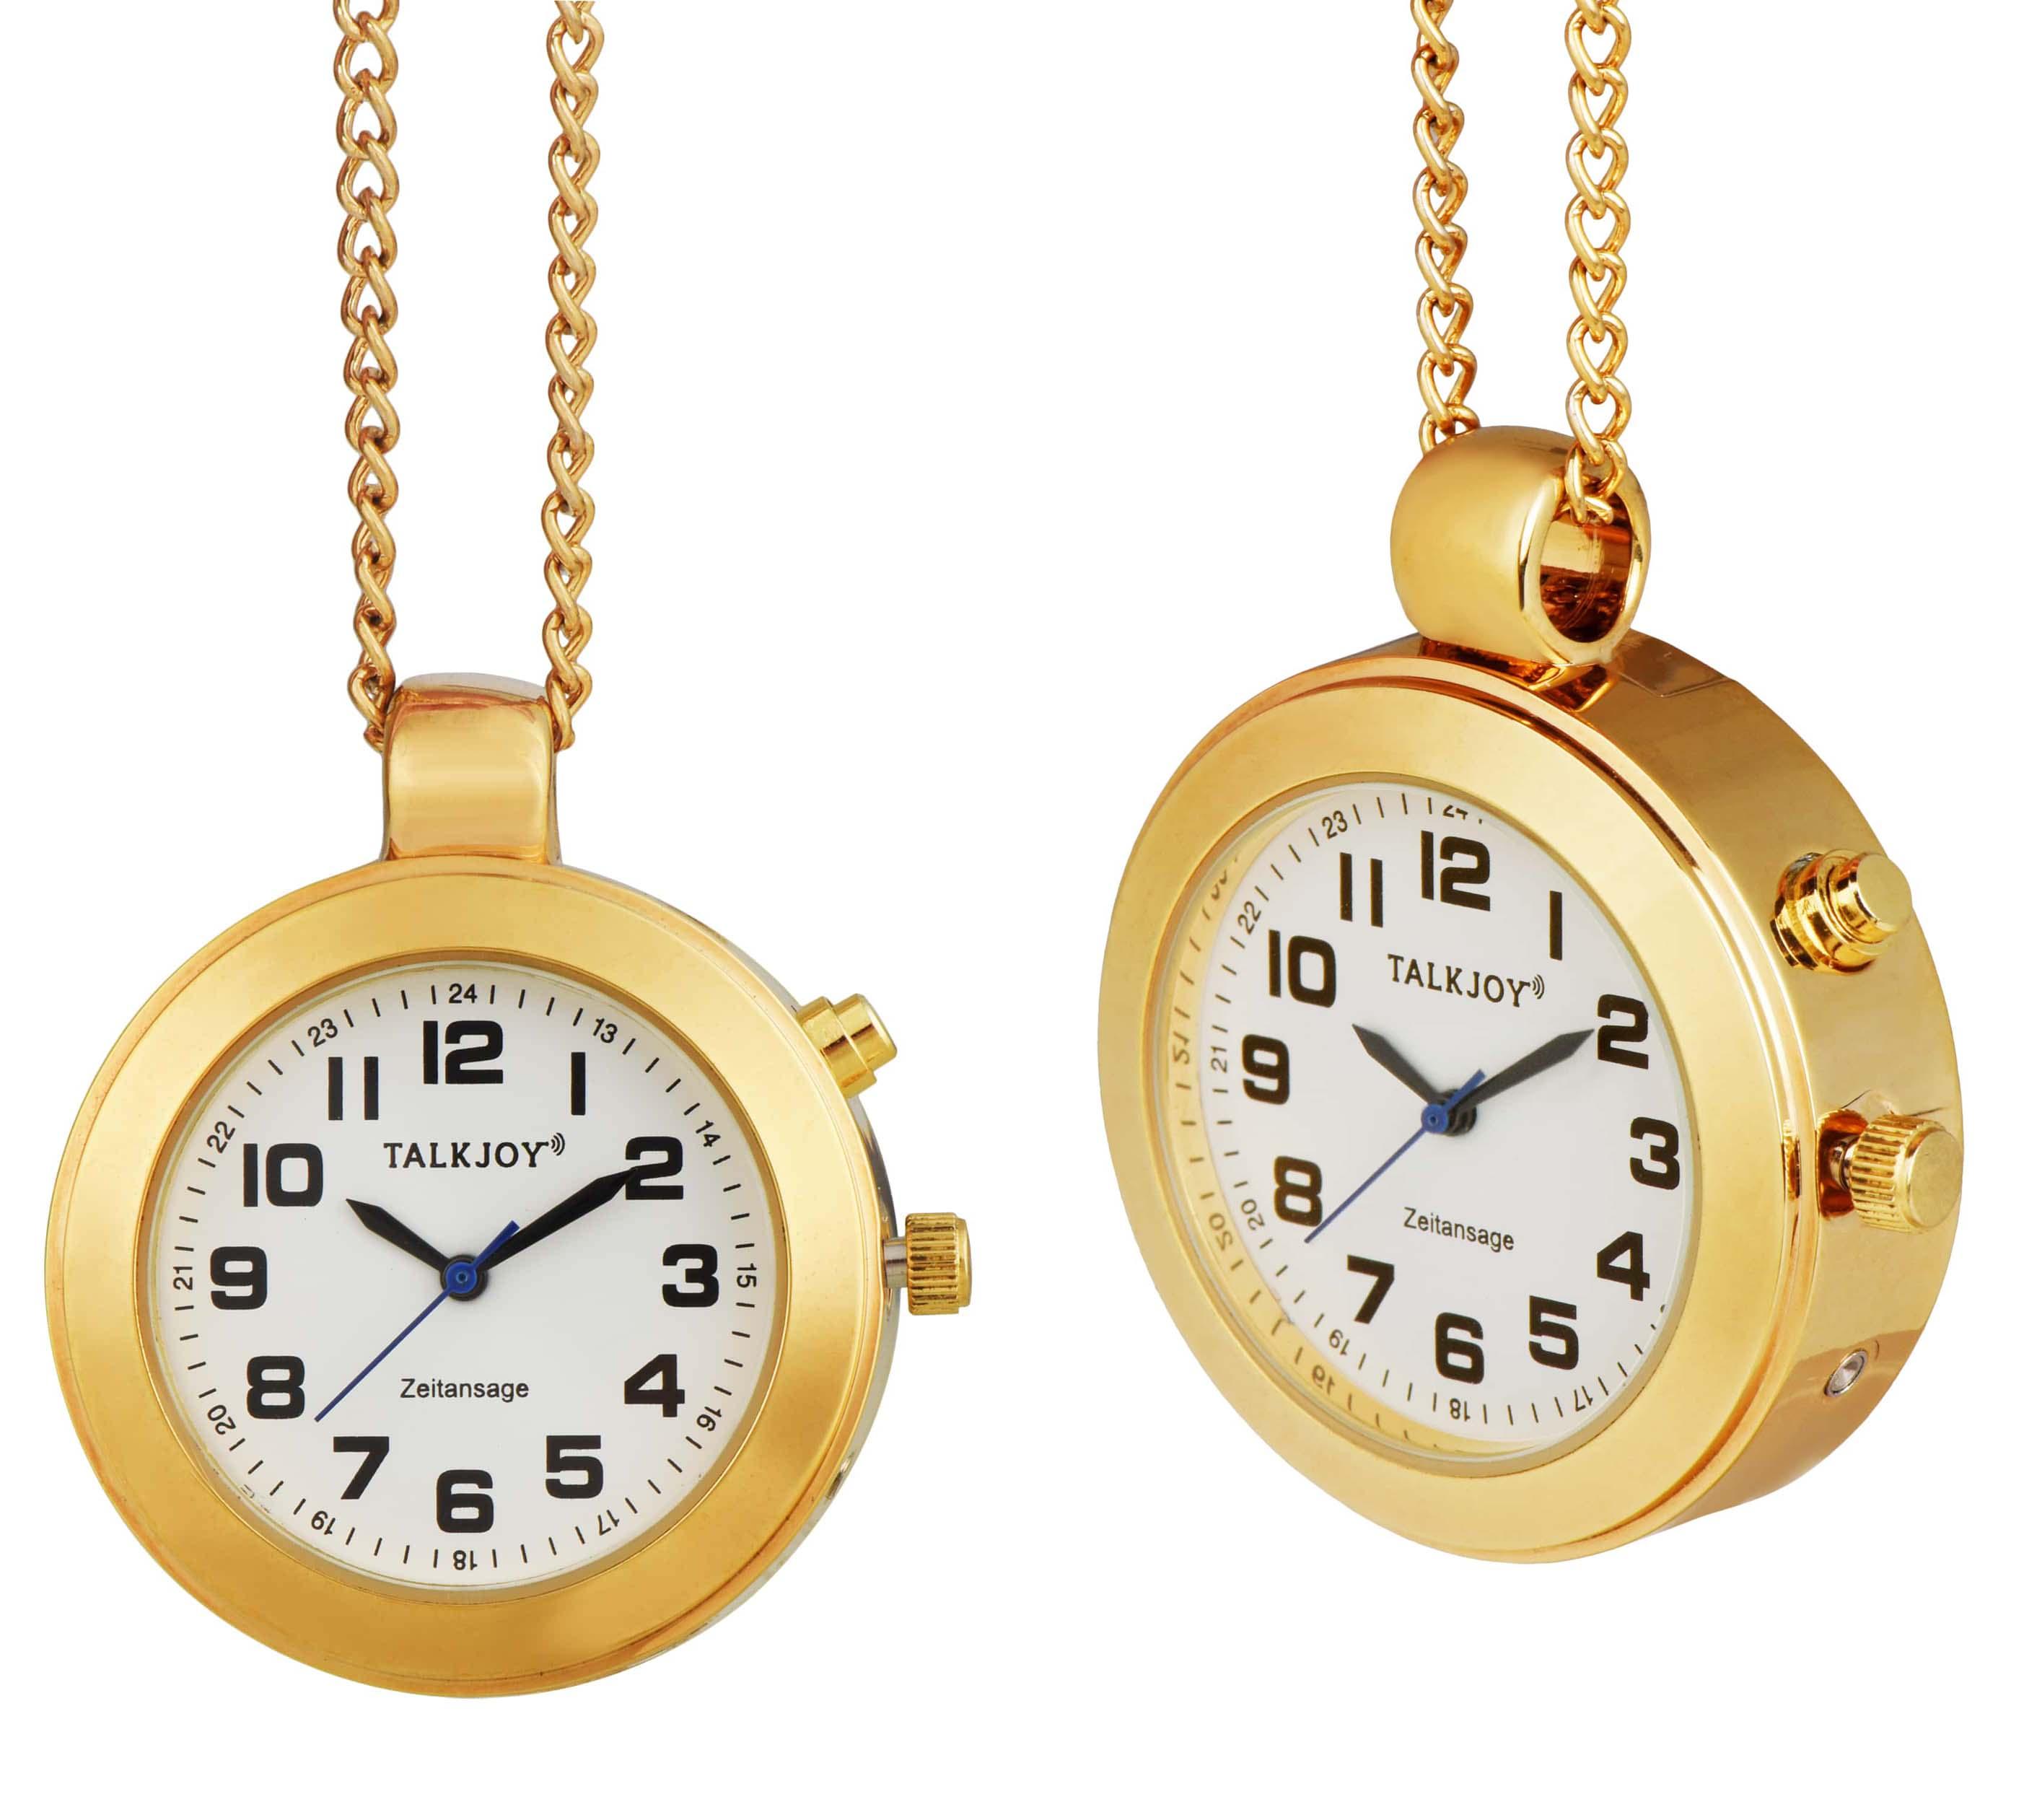 HALSBAND Goldene Sprechende Uhr Anhänger UMHÄNGEUHR DAMEN Taschenuhr Seniorenuhr